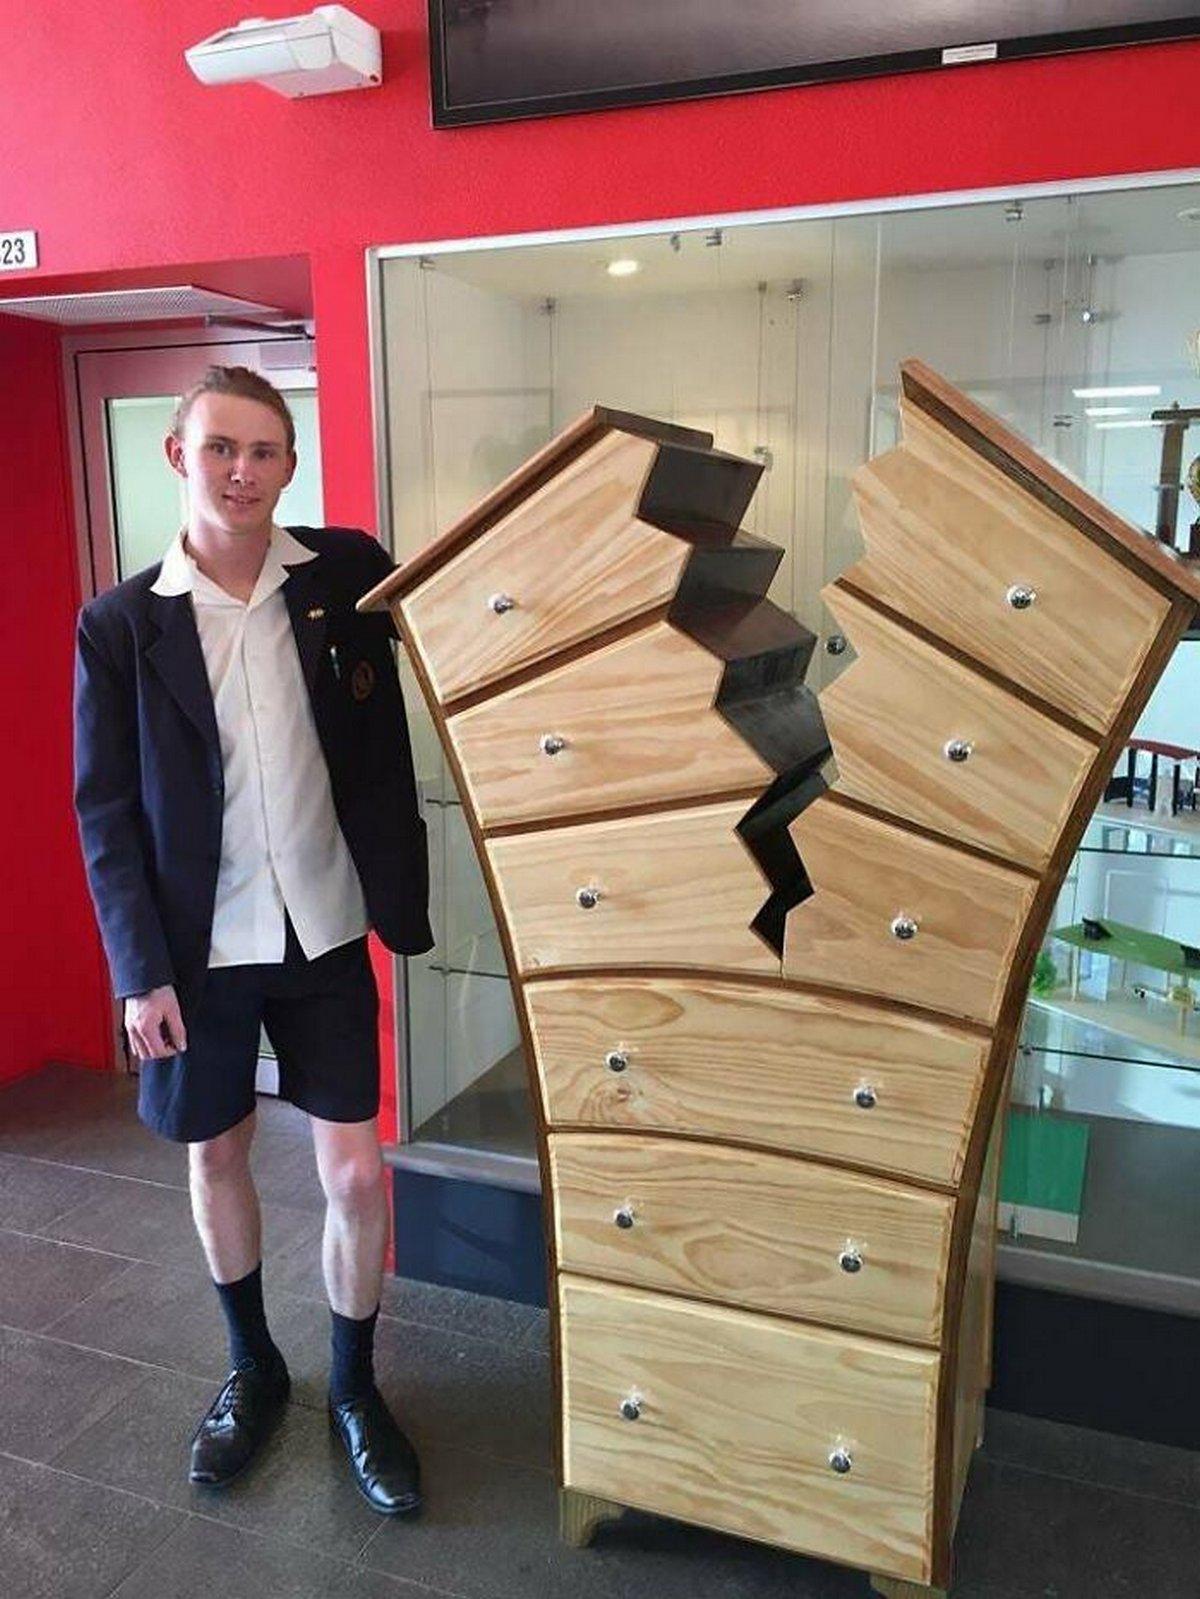 Ce groupe en ligne salue les ébénistes et leurs compétences en travail du bois et voici leurs plus belles créations